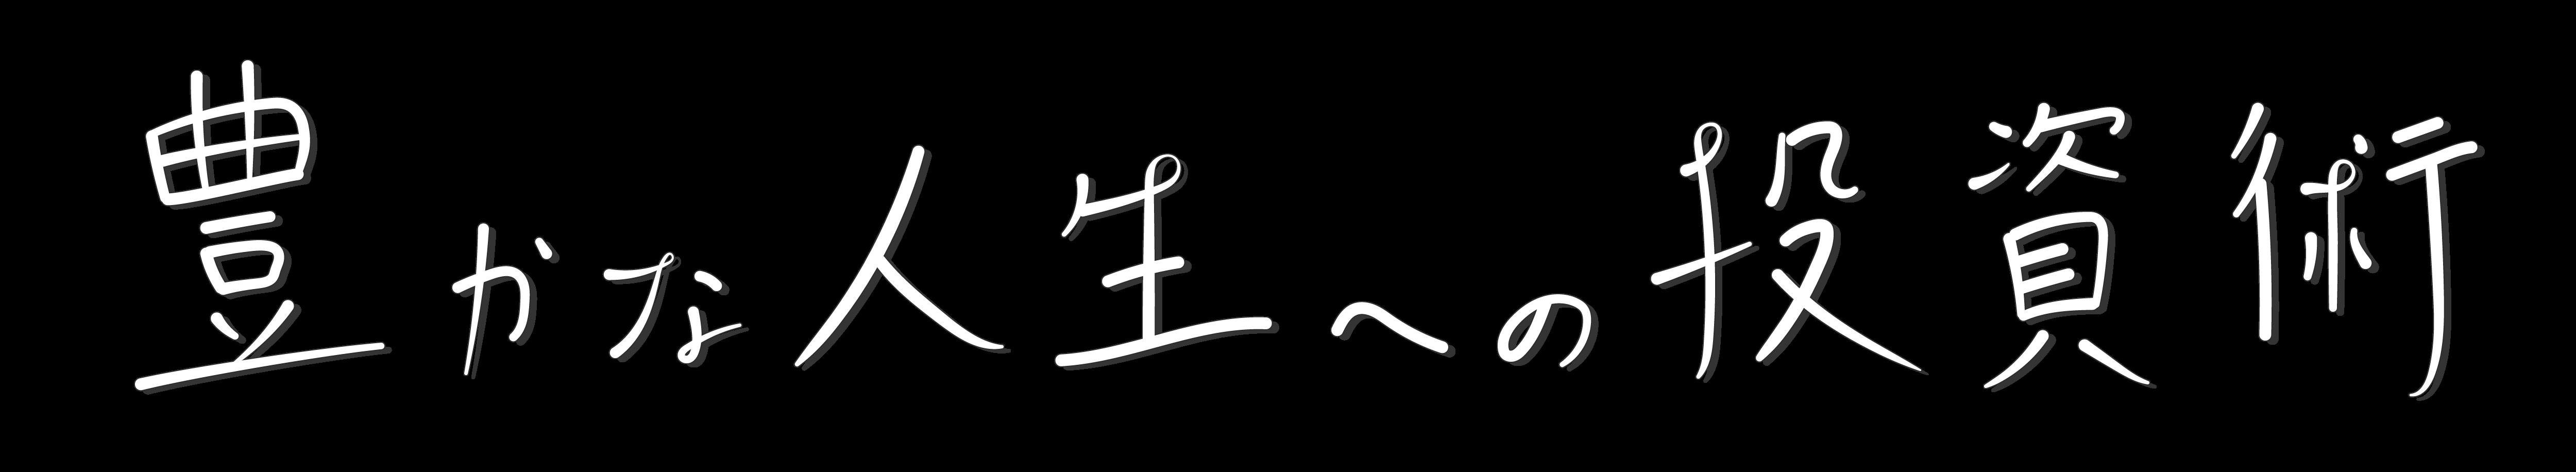 ぎーすえブログのロゴ画像